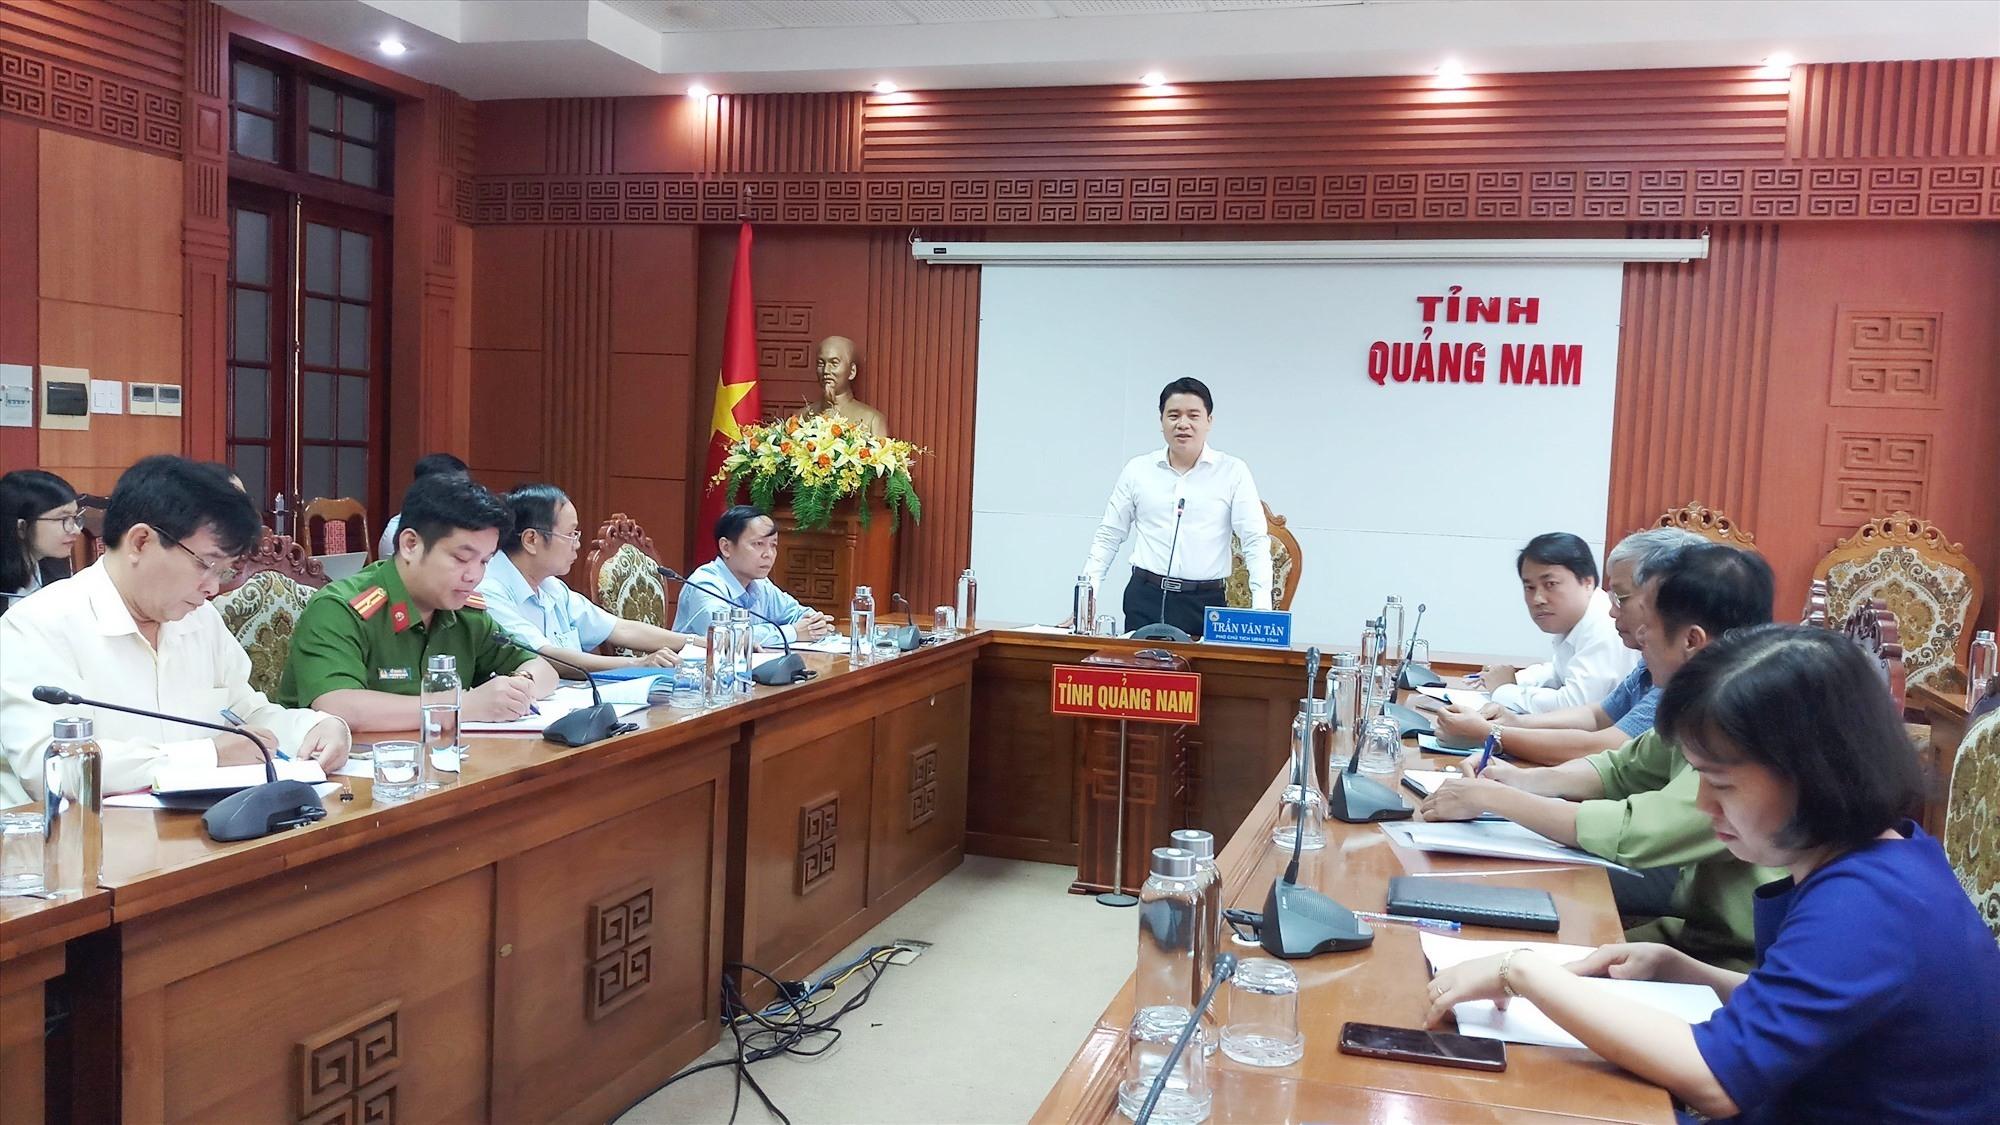 Phó Chủ tịch UBND tỉnh Trần Văn Tân phát biểu tại buổi làm việc. Ảnh: A.N